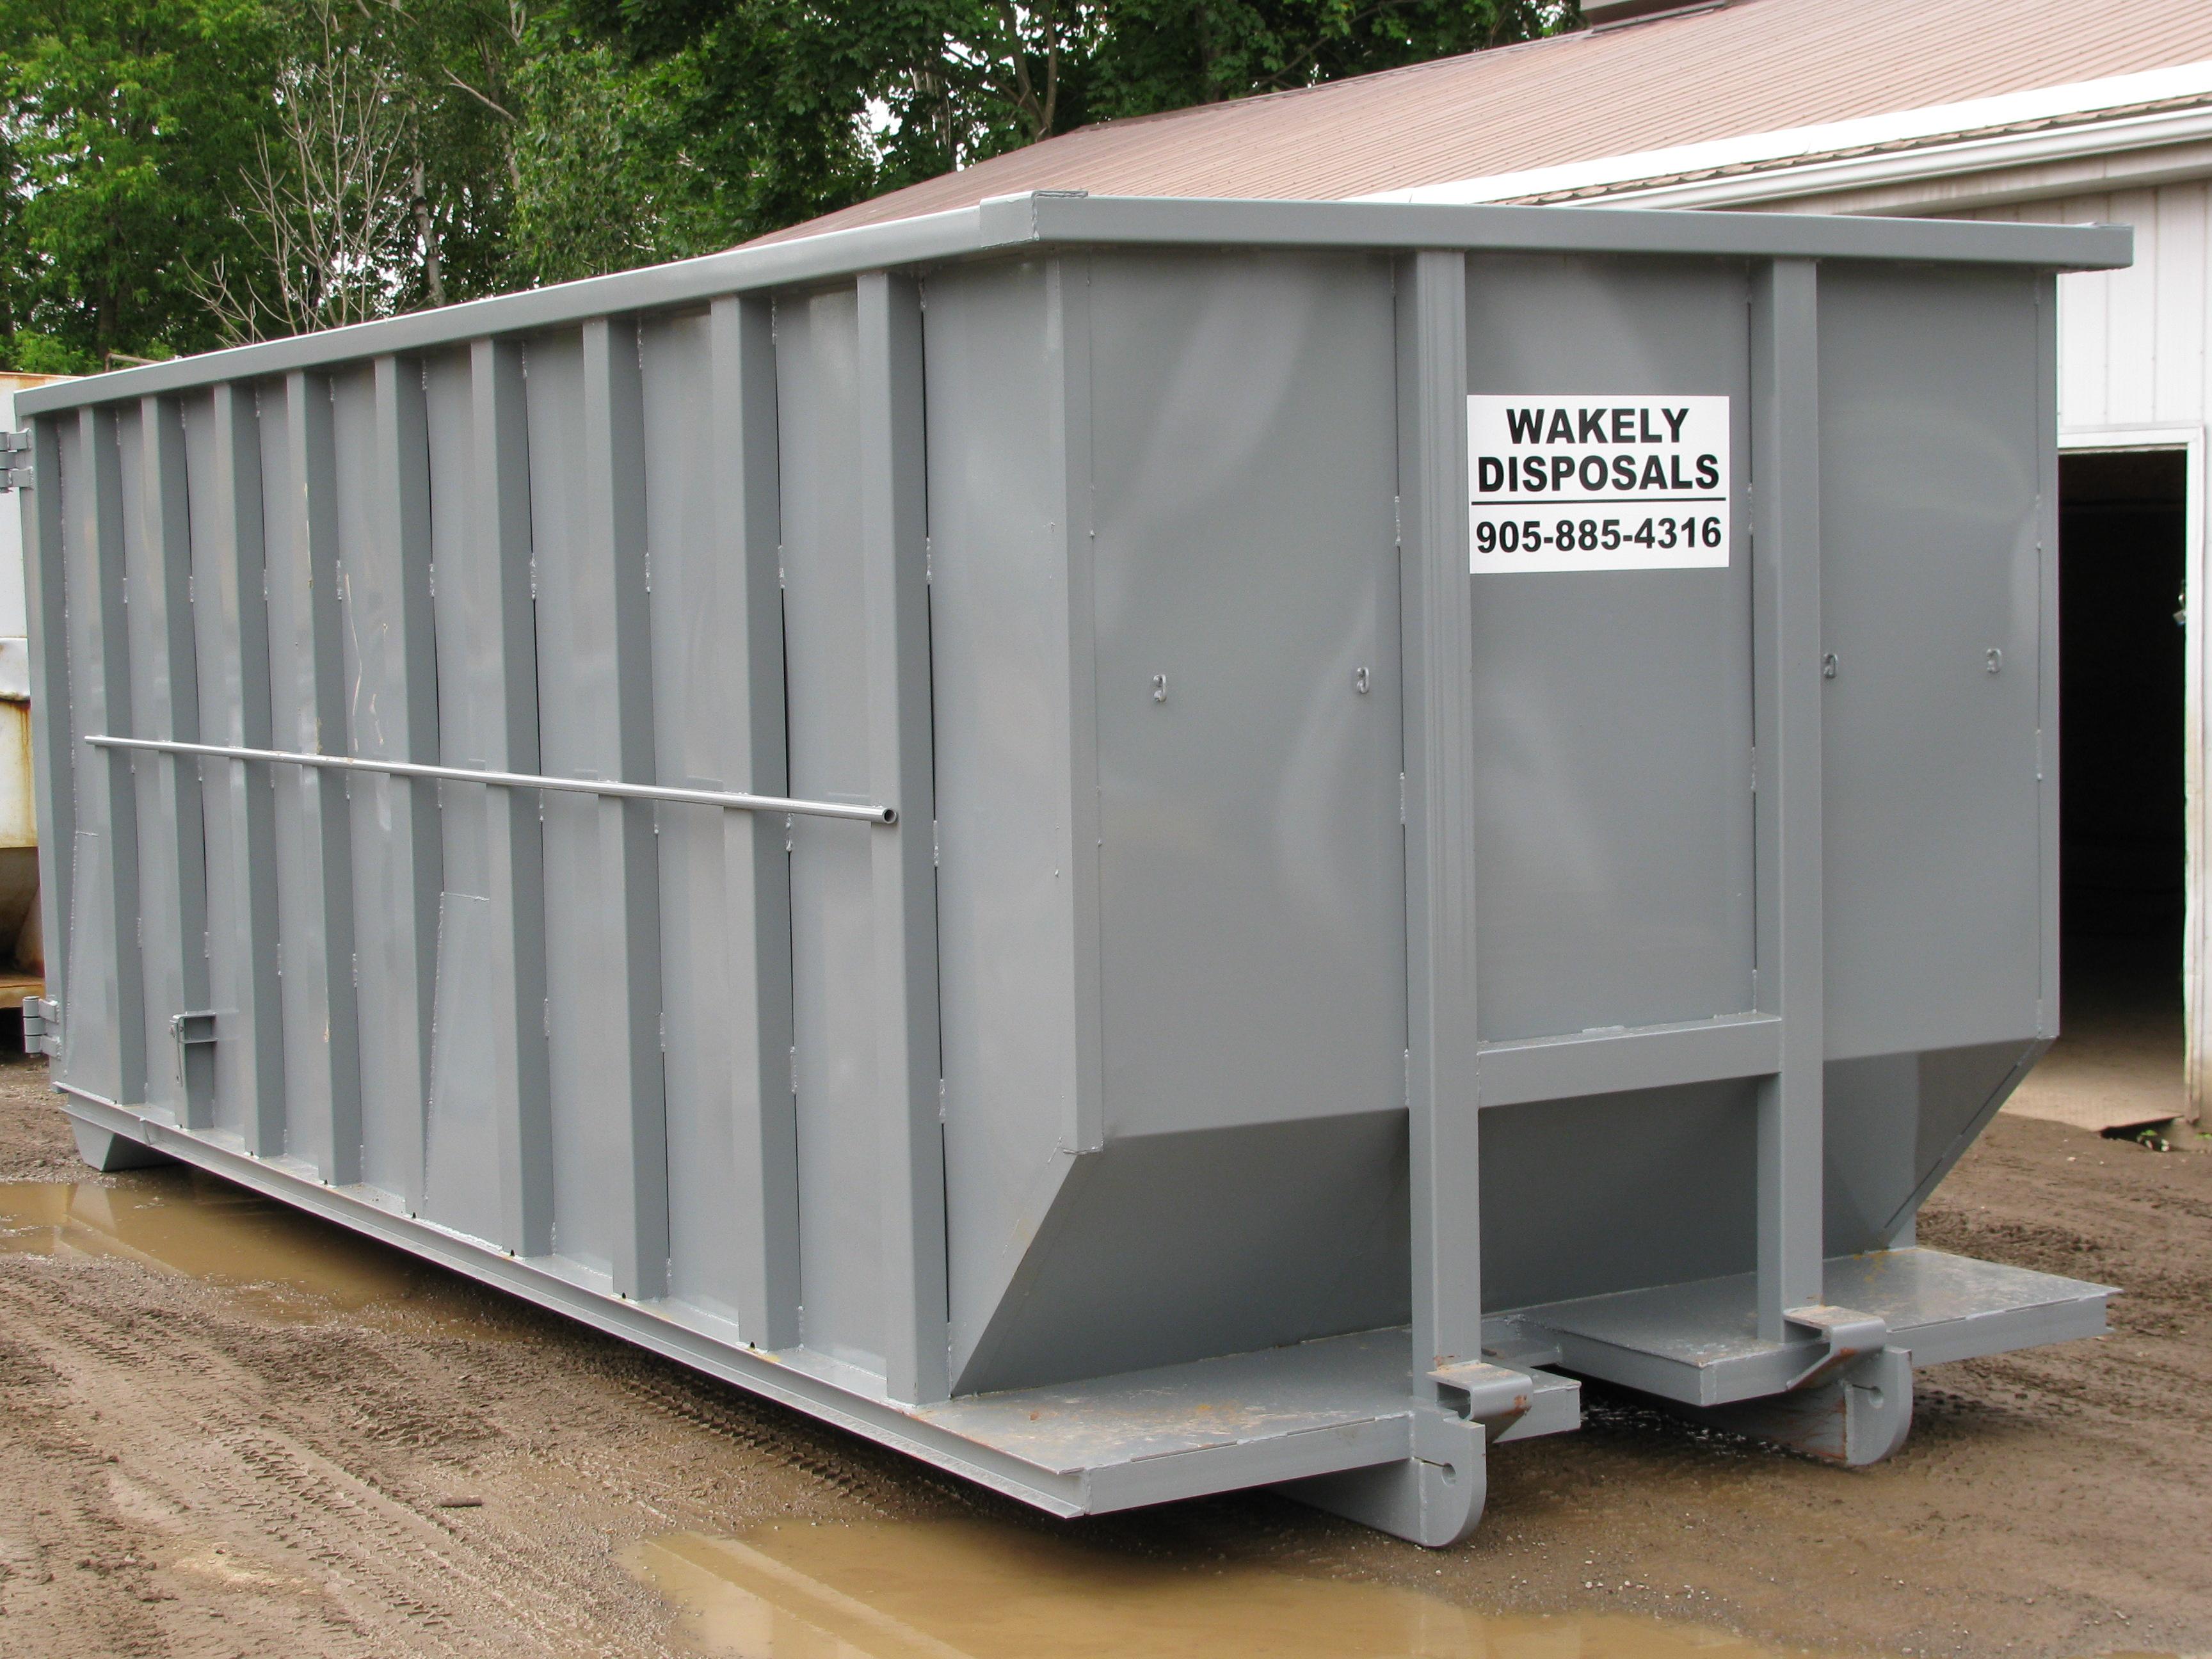 çöp konteyner resmi isteği